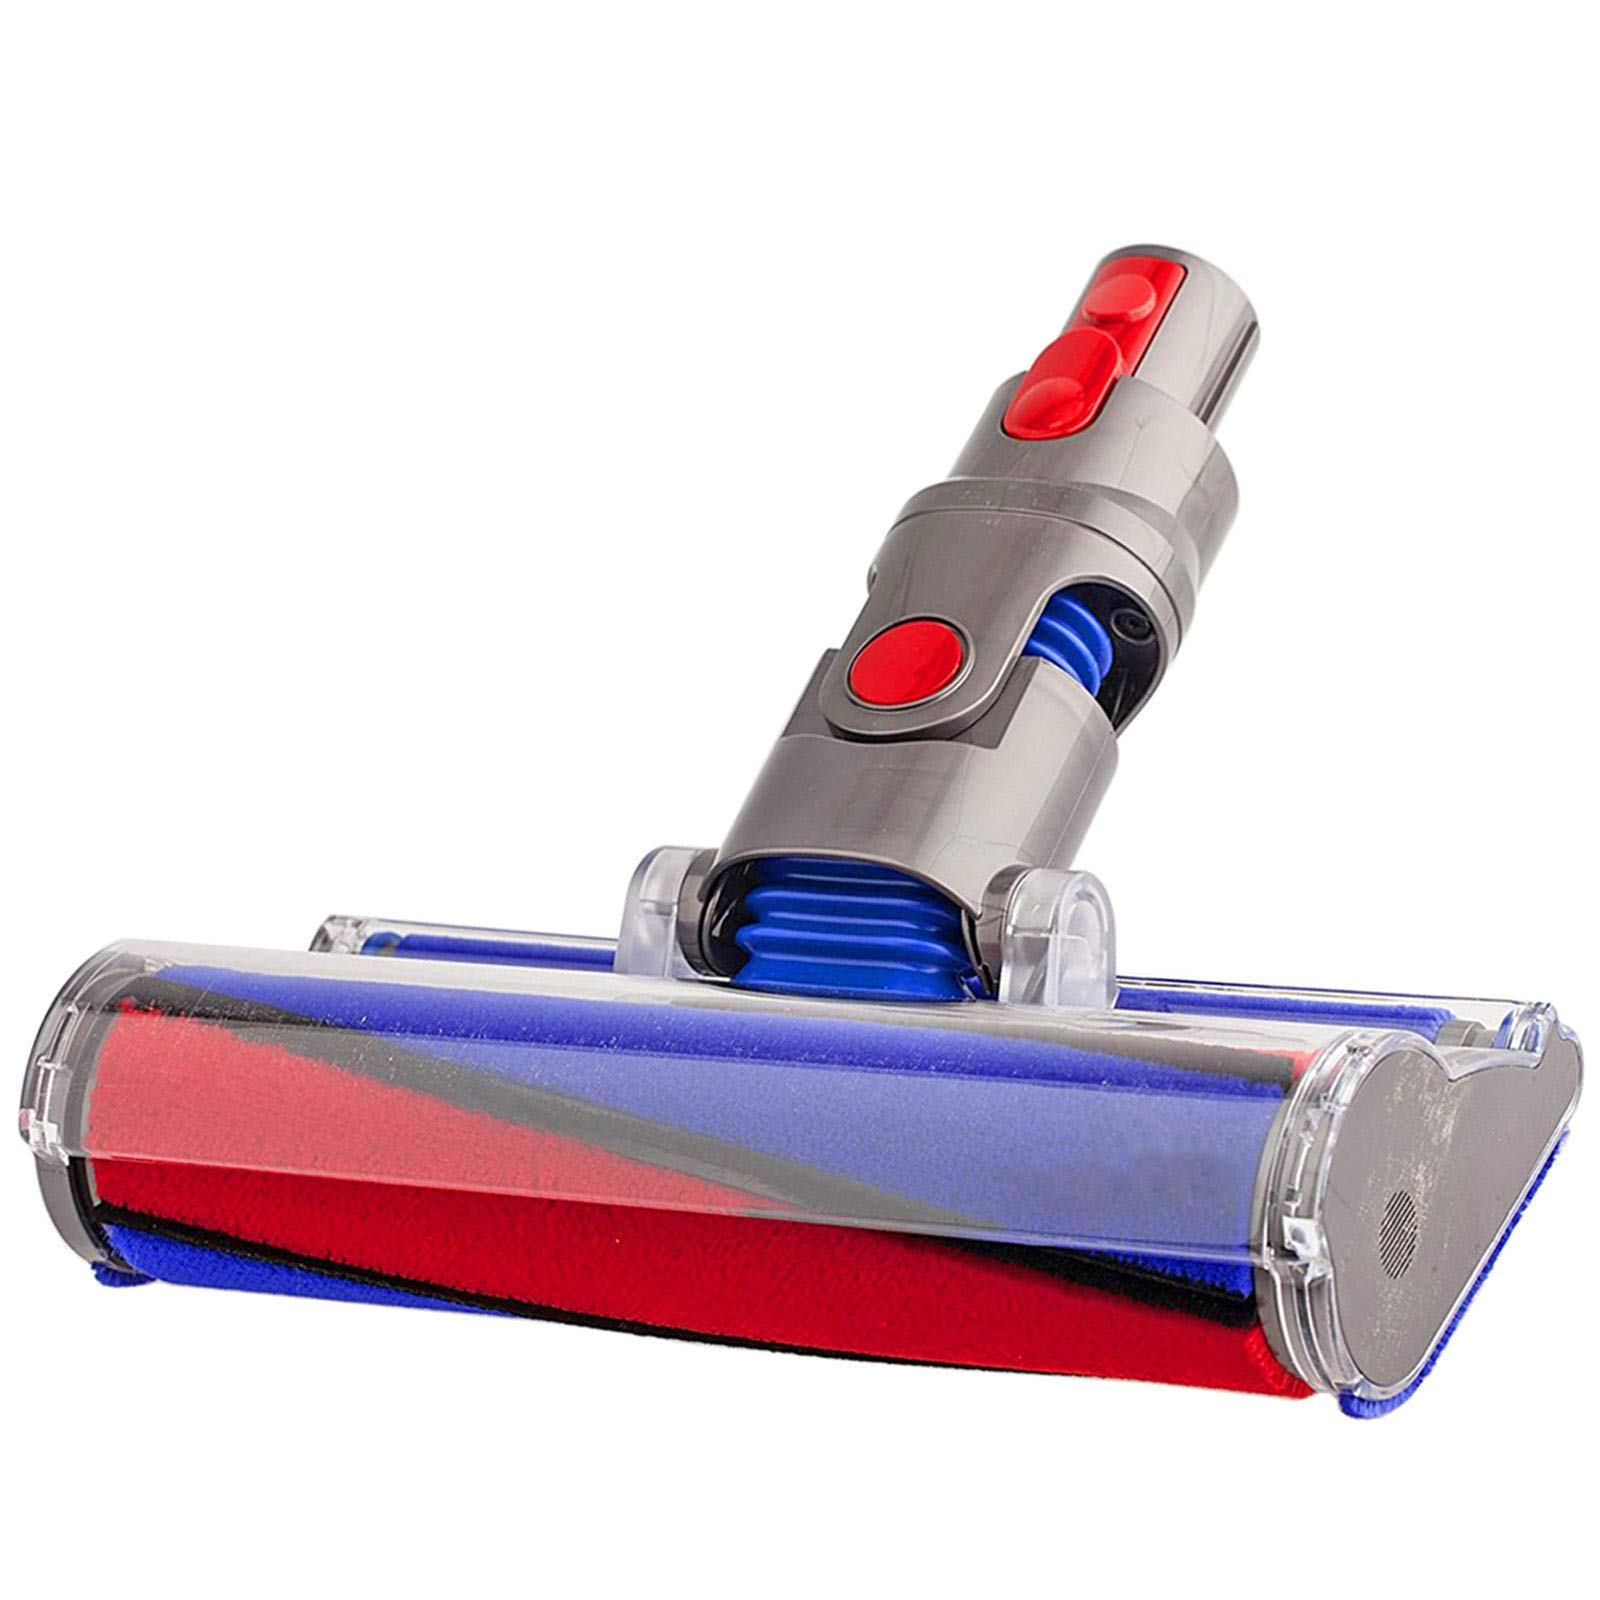 Soft Roller Floor Sweeper Brush Tool for Dyson V8 Cordless Vacuum Cleaner